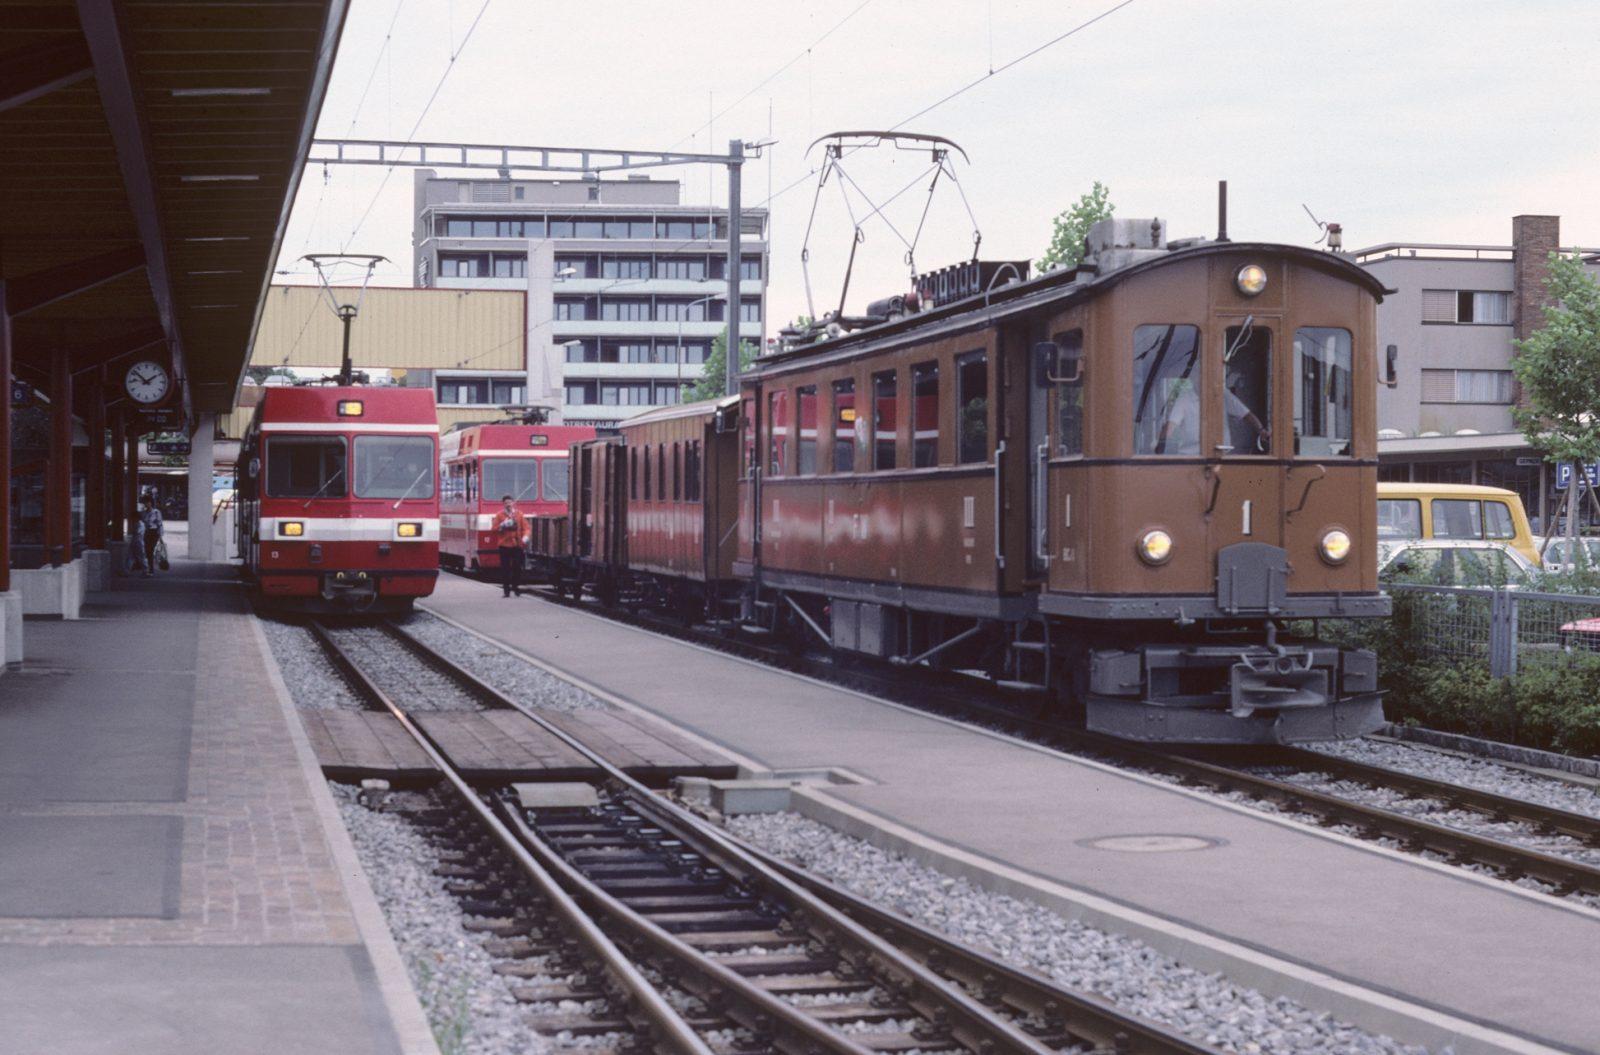 Historischer Triebwagen Frauenfeld Wil Bahn